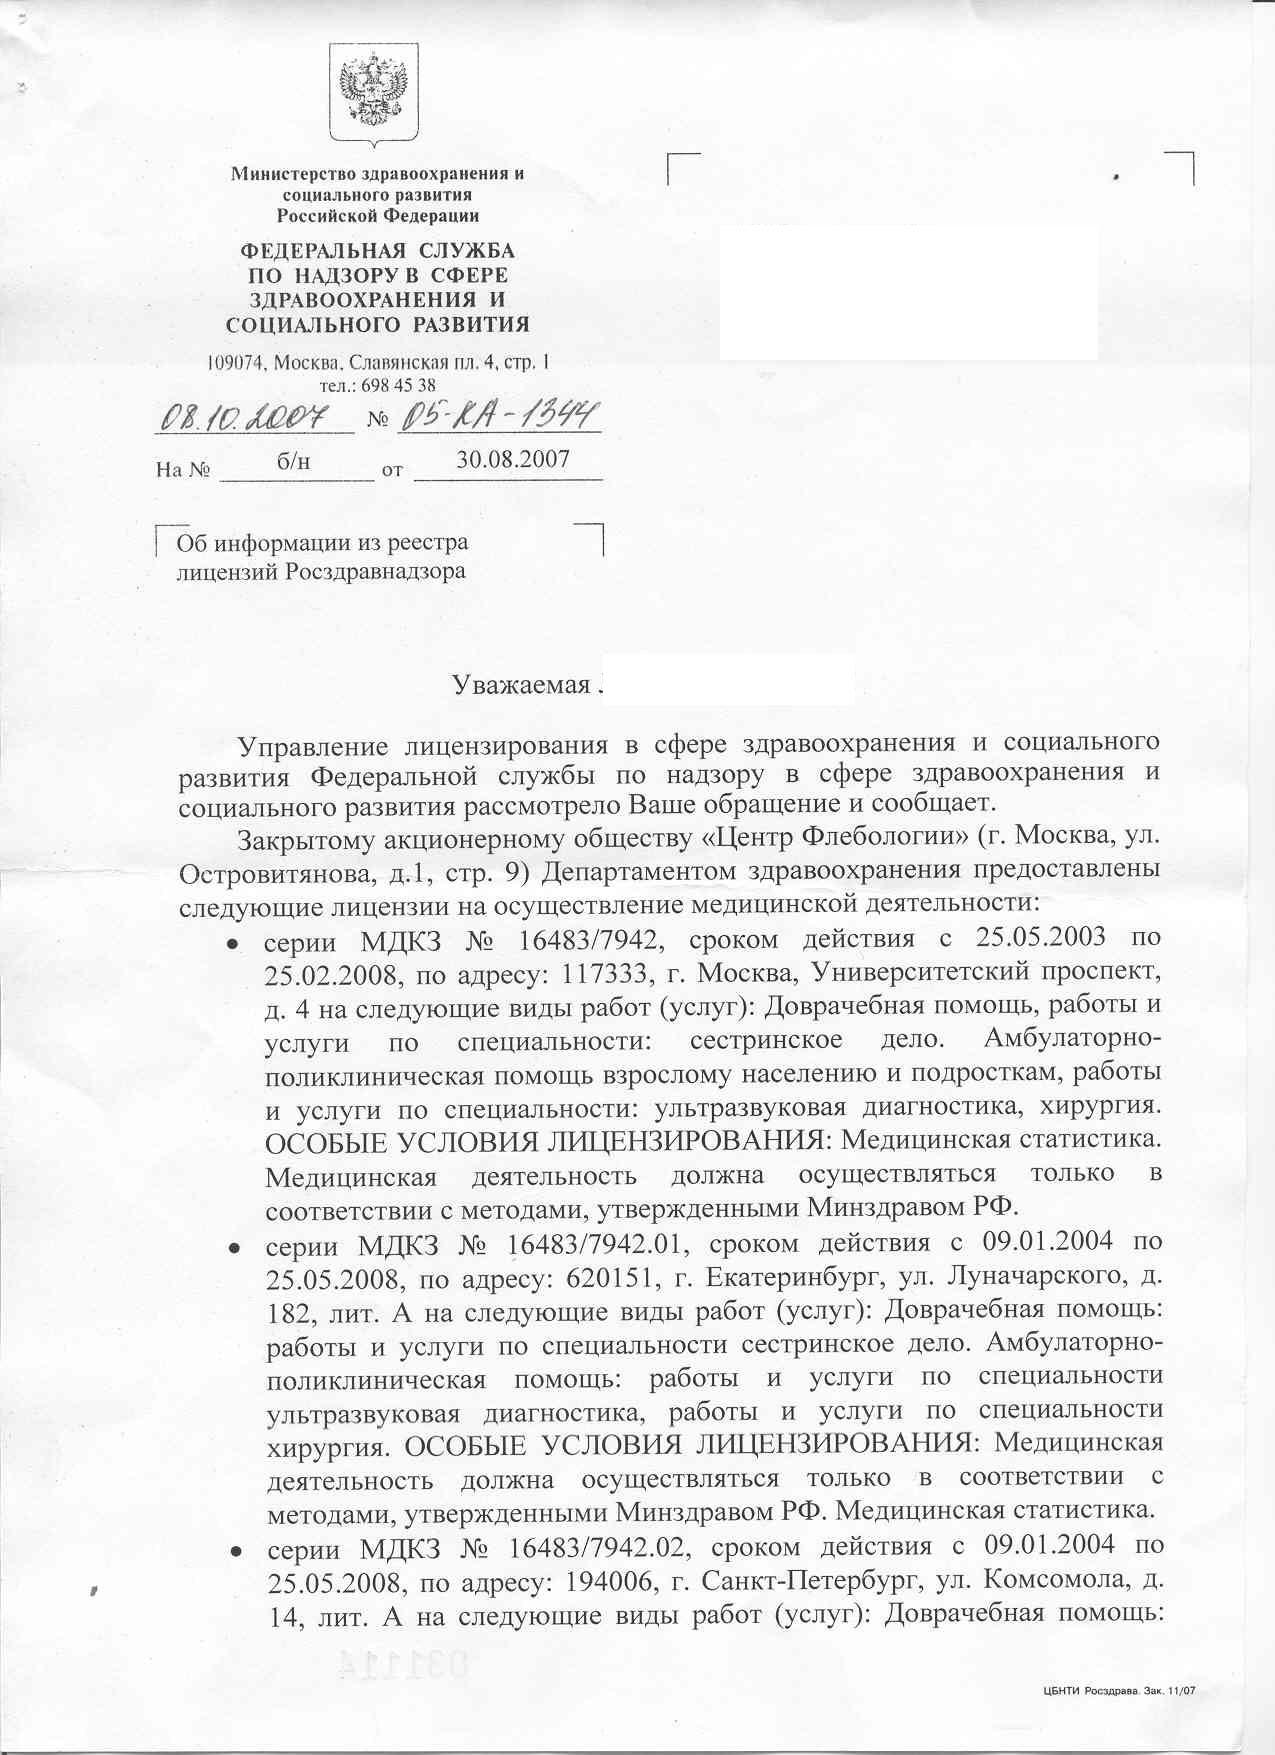 Varifort le prix moskva